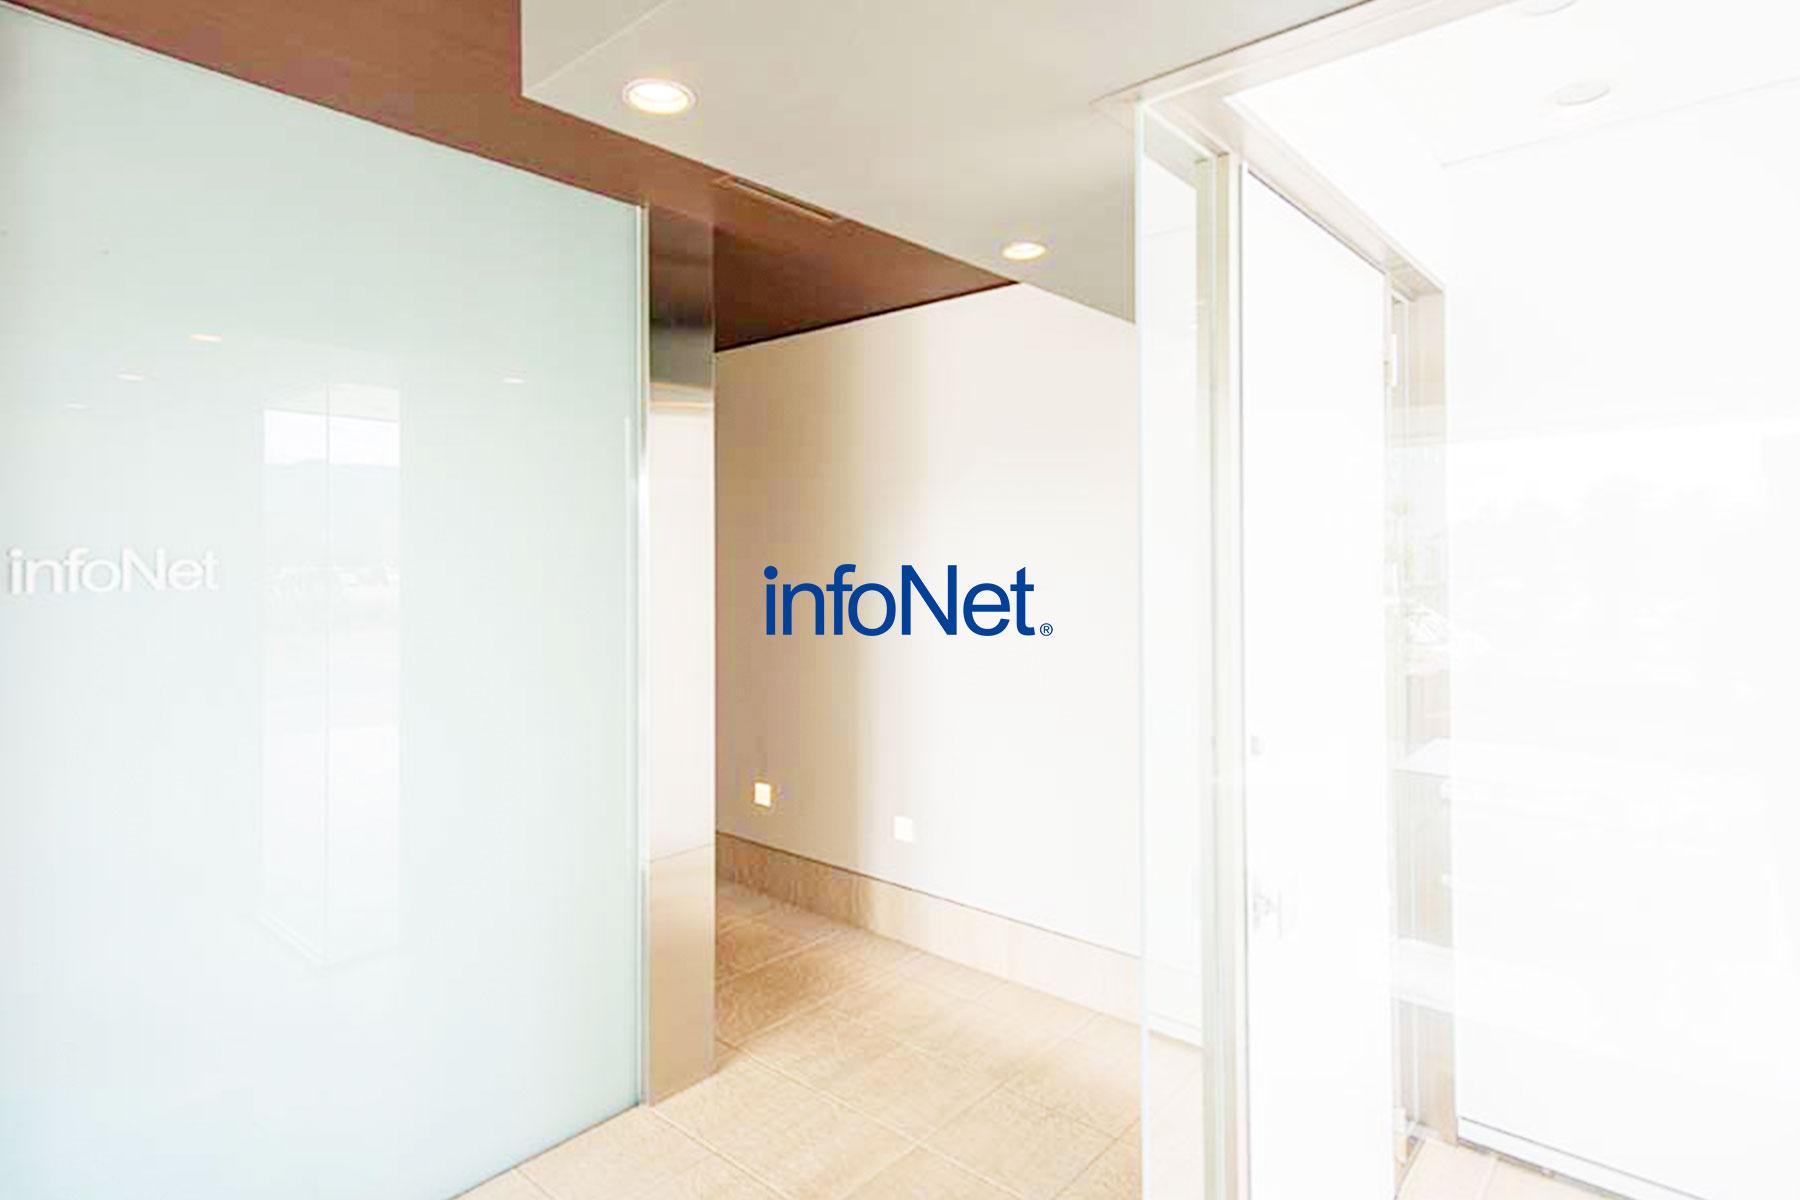 株式会社インフォネットのトップ画像